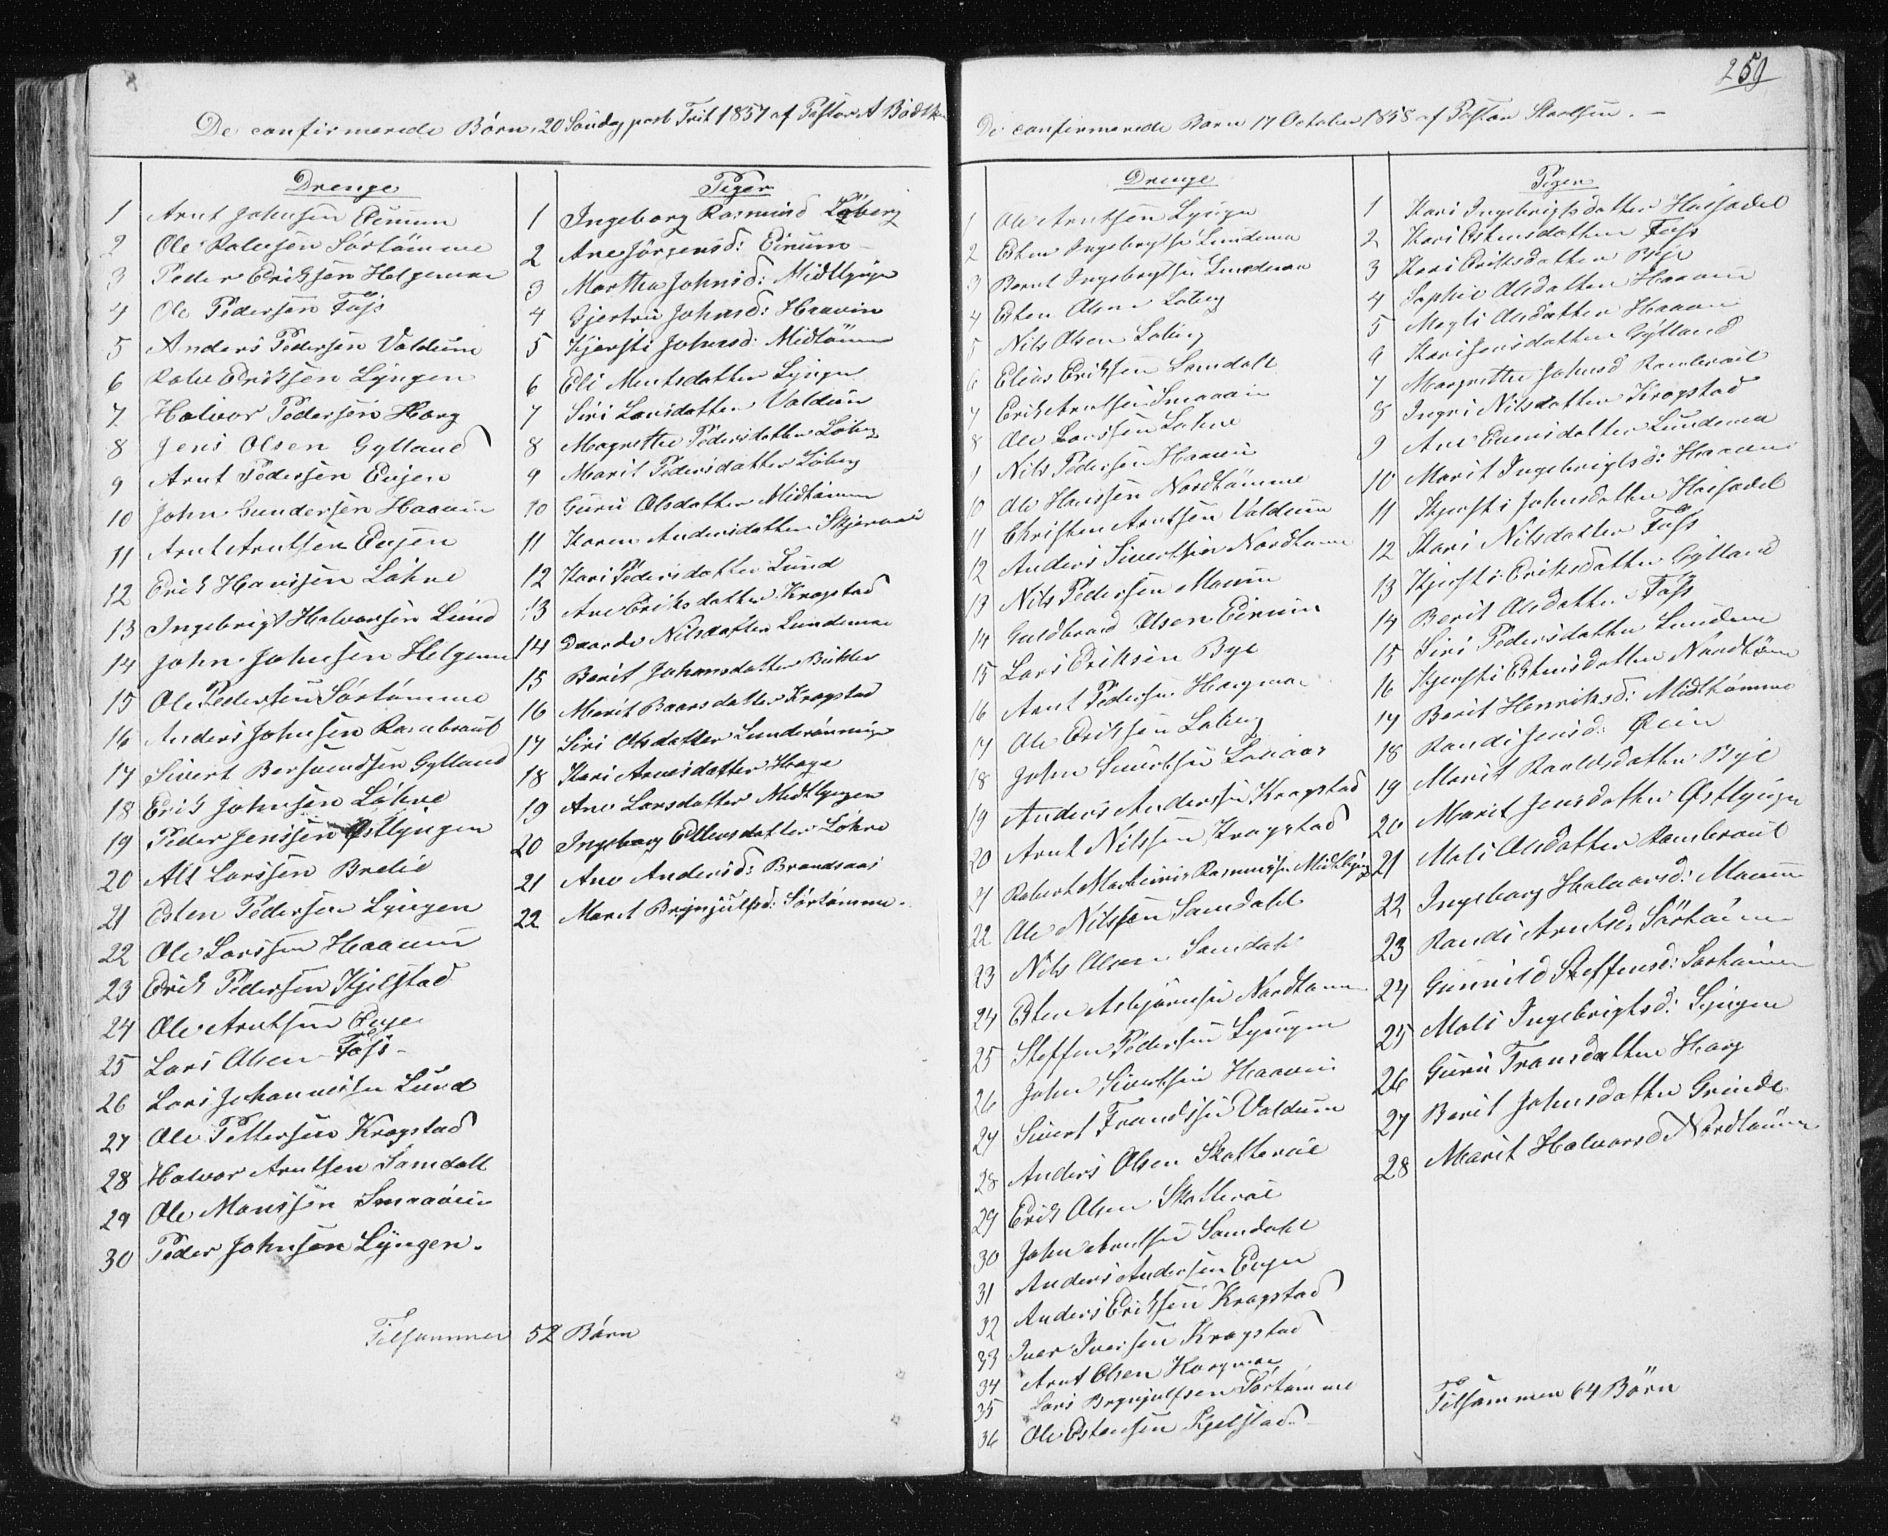 SAT, Ministerialprotokoller, klokkerbøker og fødselsregistre - Sør-Trøndelag, 692/L1110: Klokkerbok nr. 692C05, 1849-1889, s. 259